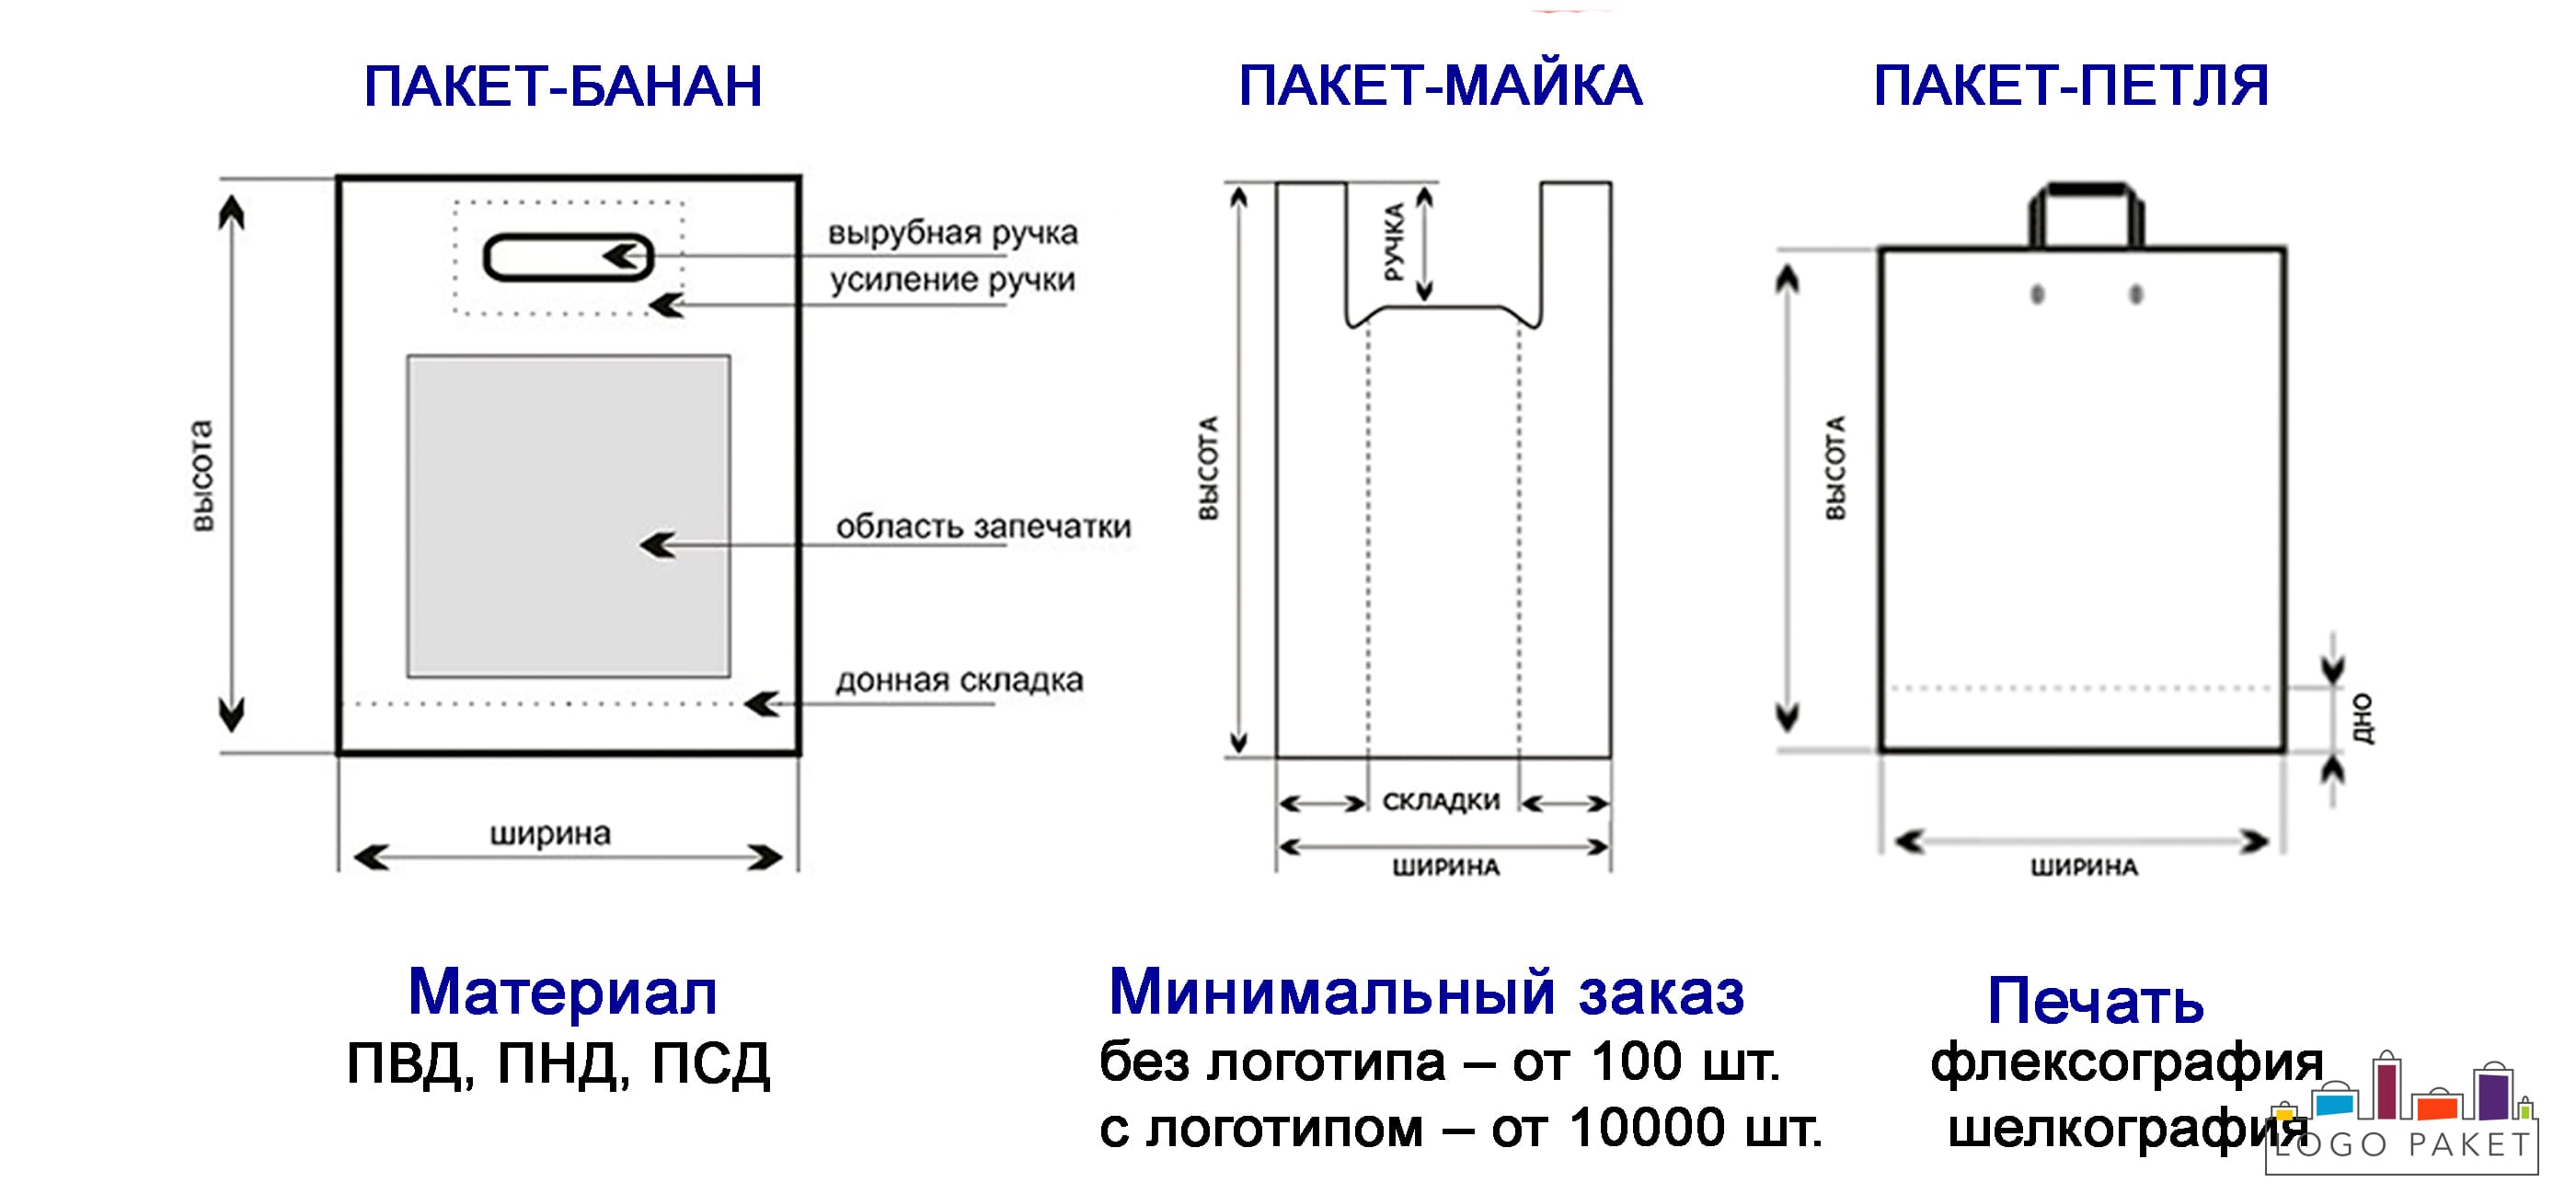 Полиэтиленовые пакеты инфографика